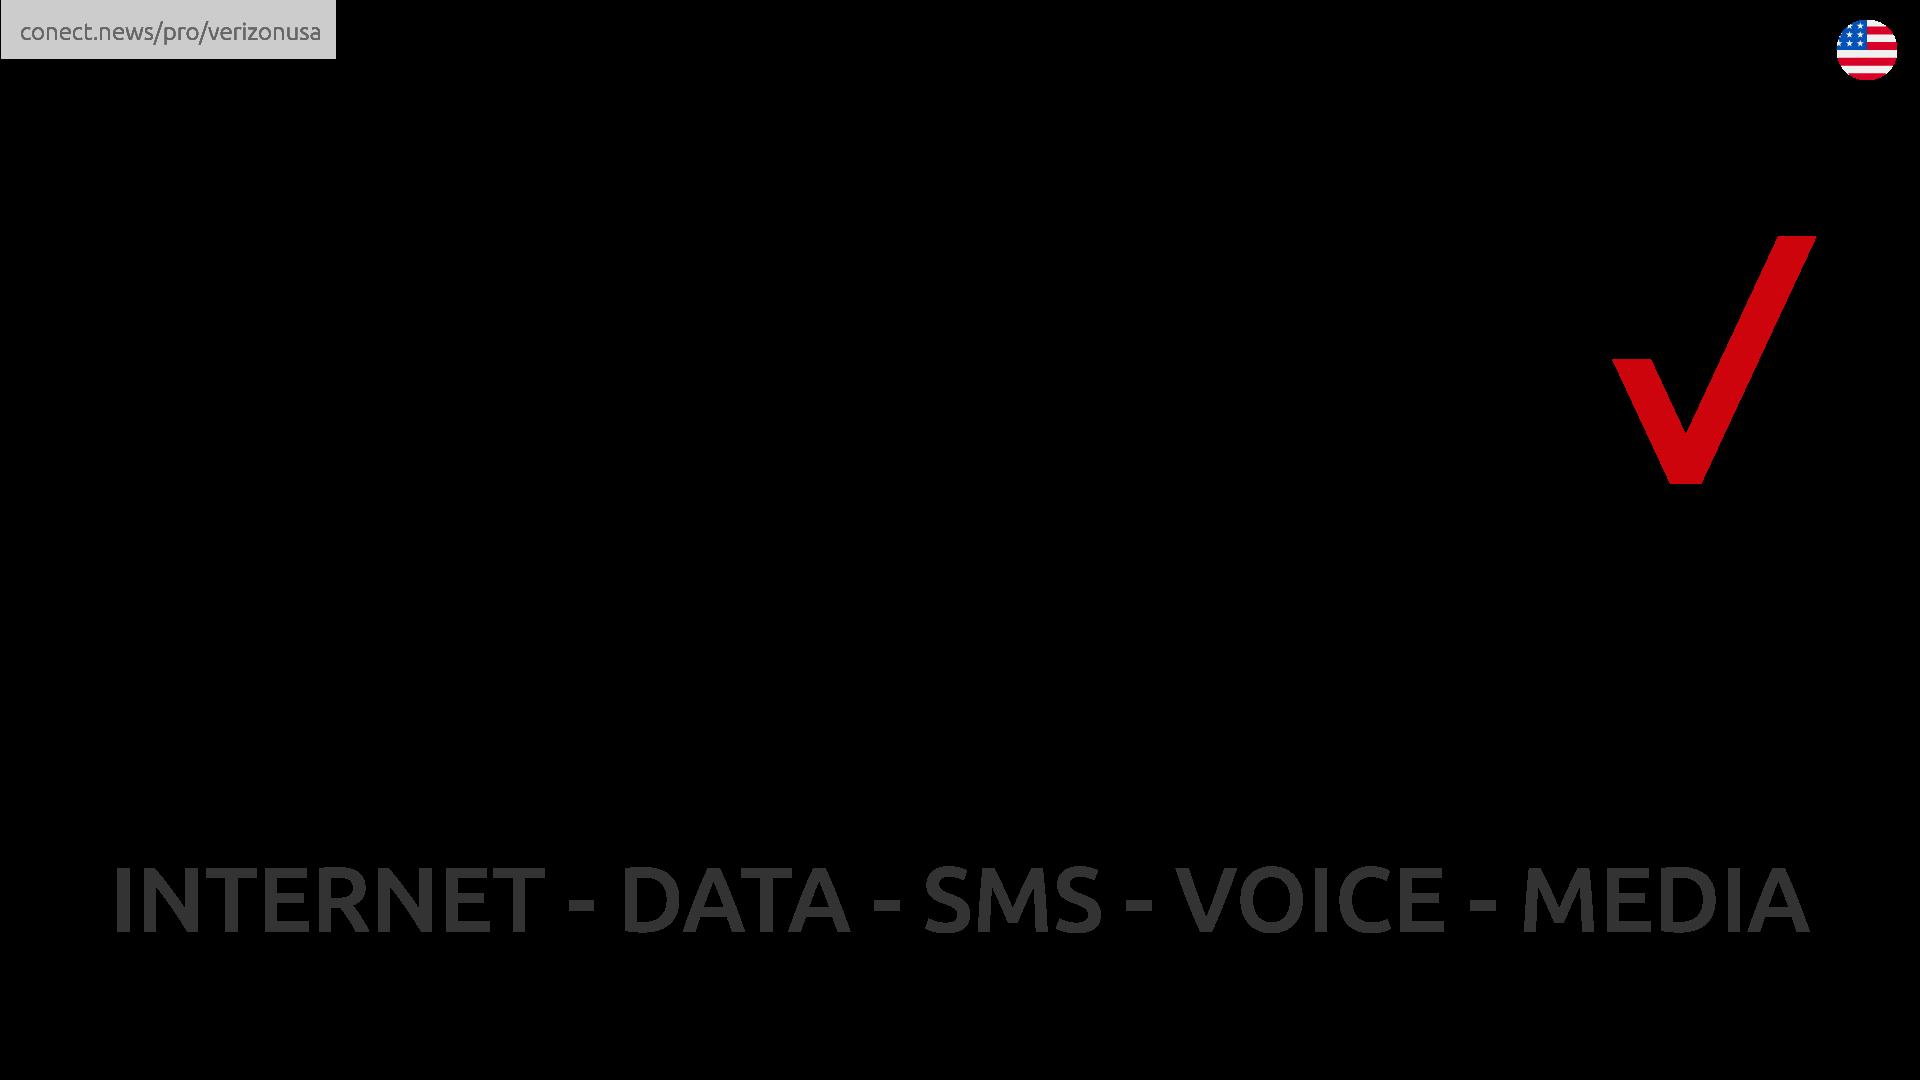 Verizon mobile USA @conect_news